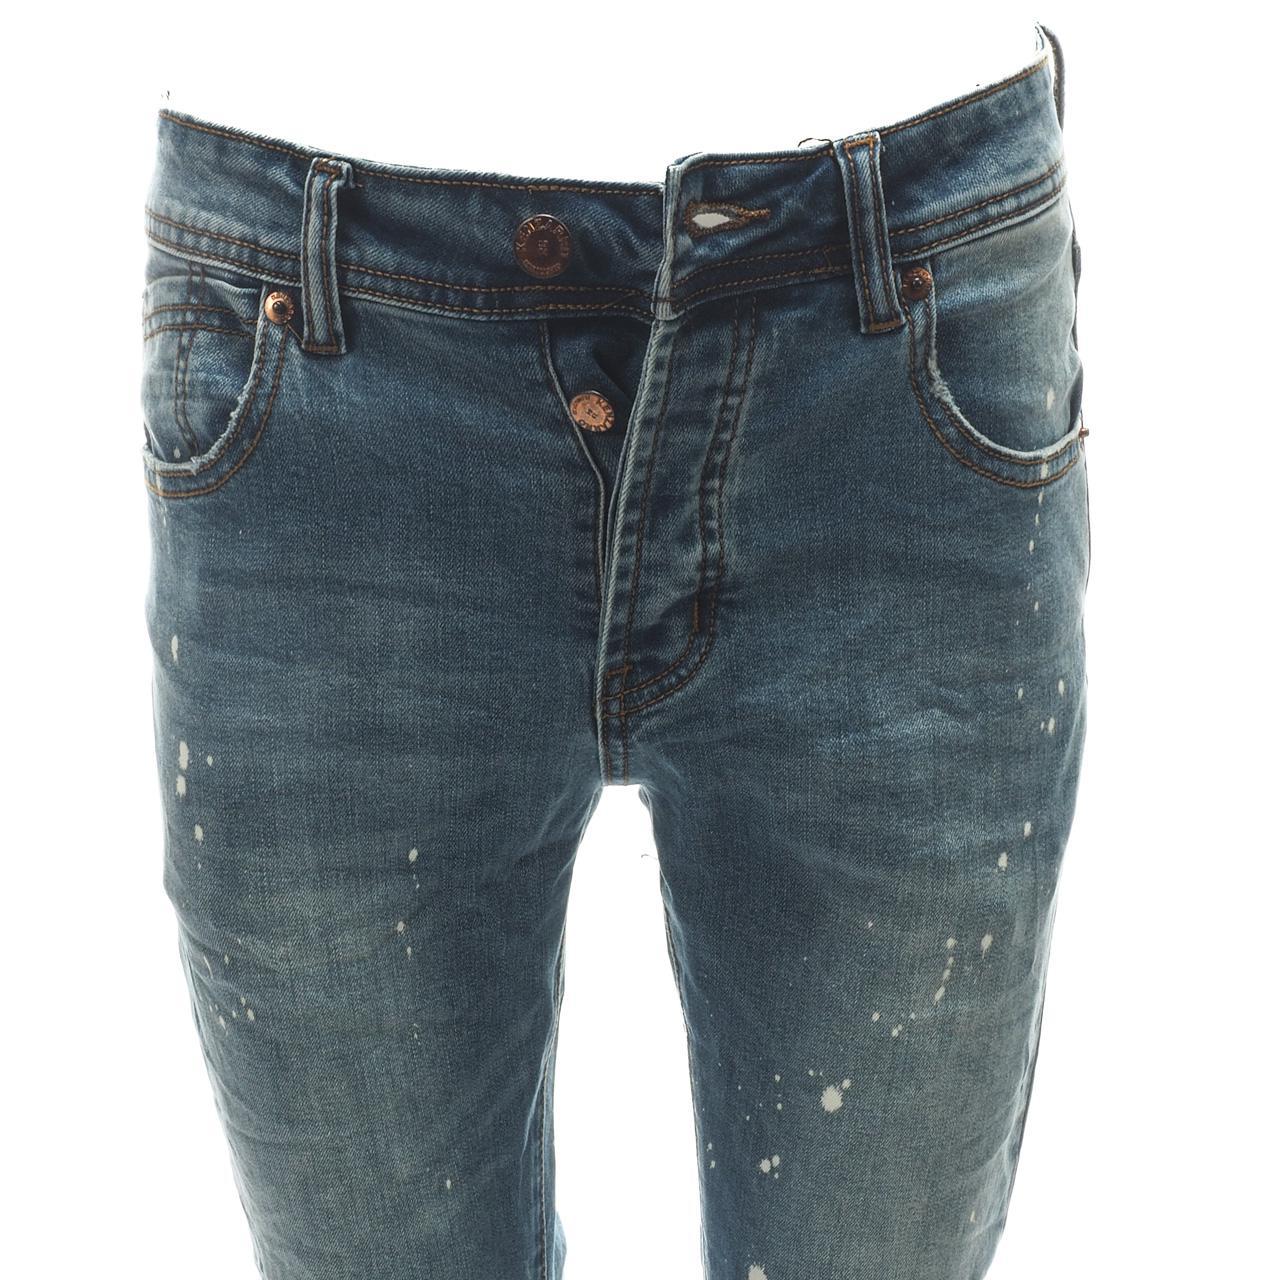 Jeans-Pants-Senders-Rikavik-Used-Blue-Blue-50030-New thumbnail 2